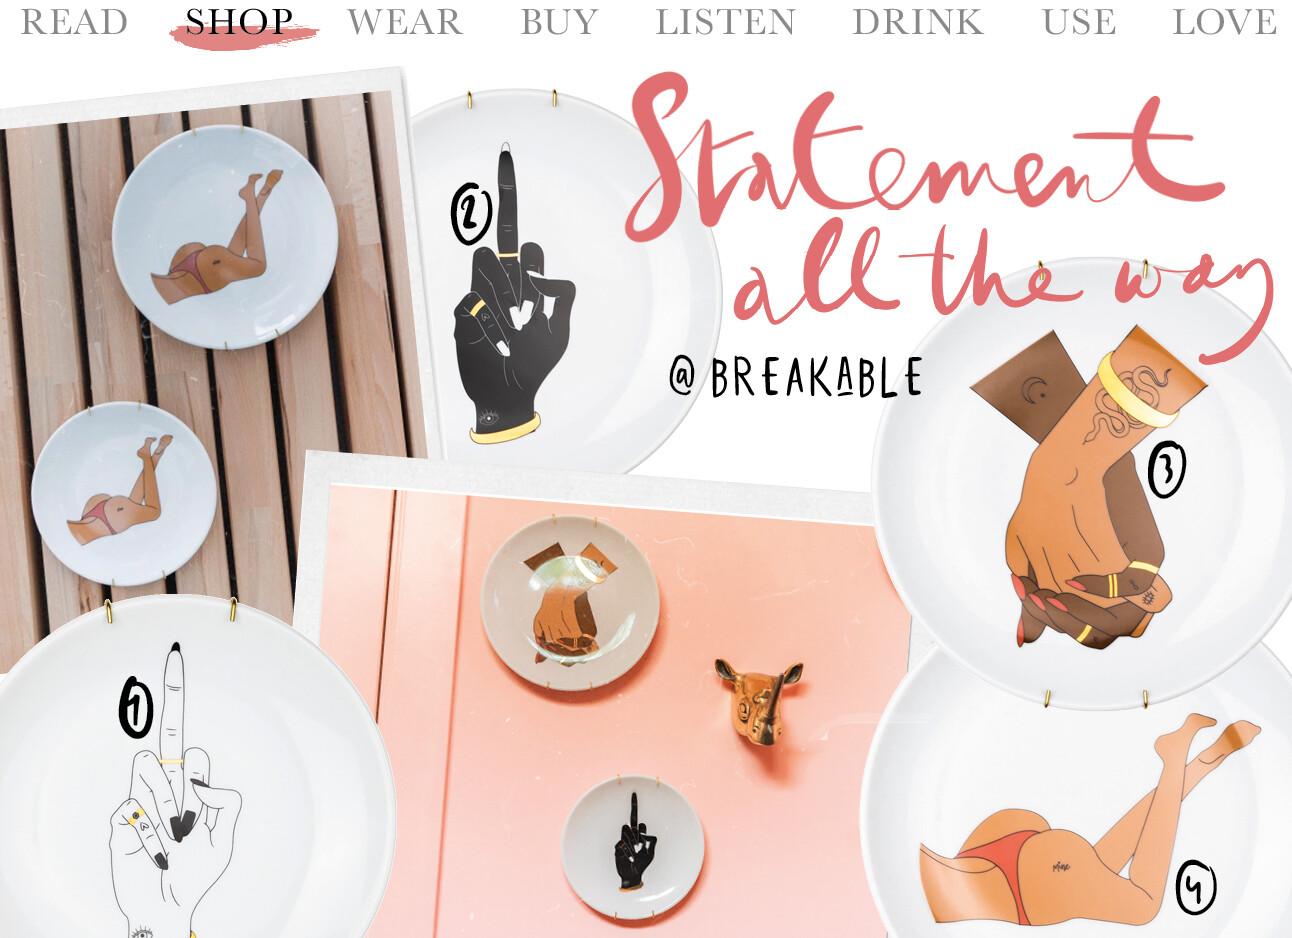 Breakable items om te shoppen